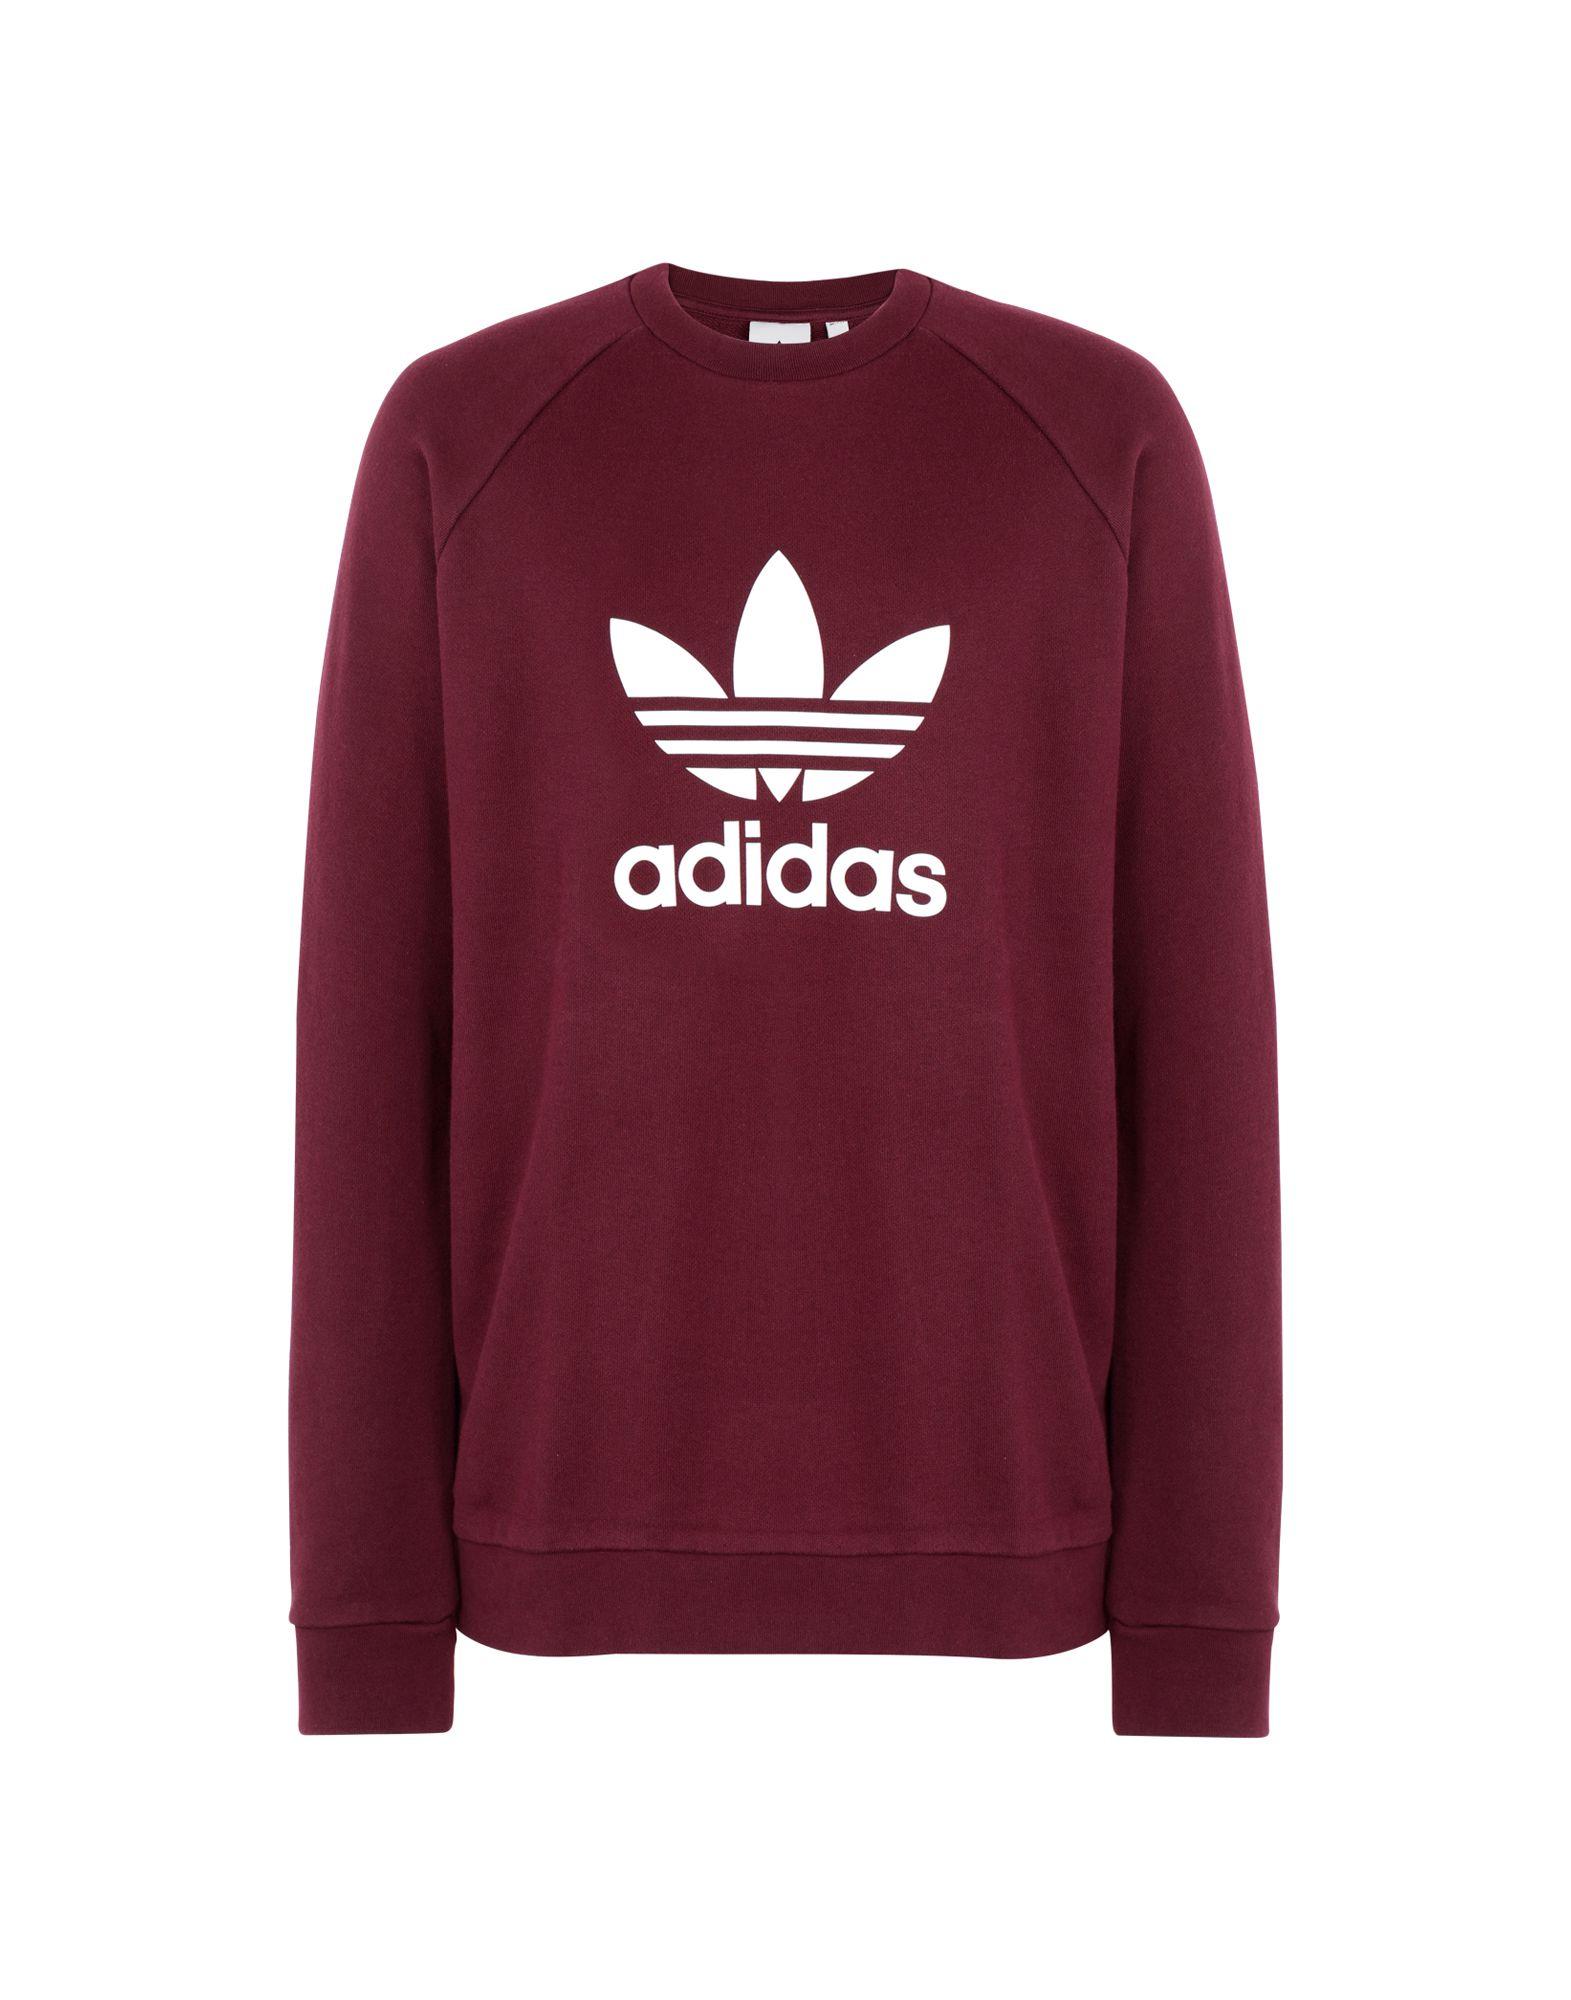 ADIDAS ORIGINALS Herren Sweatshirt7 bordeaux,rot